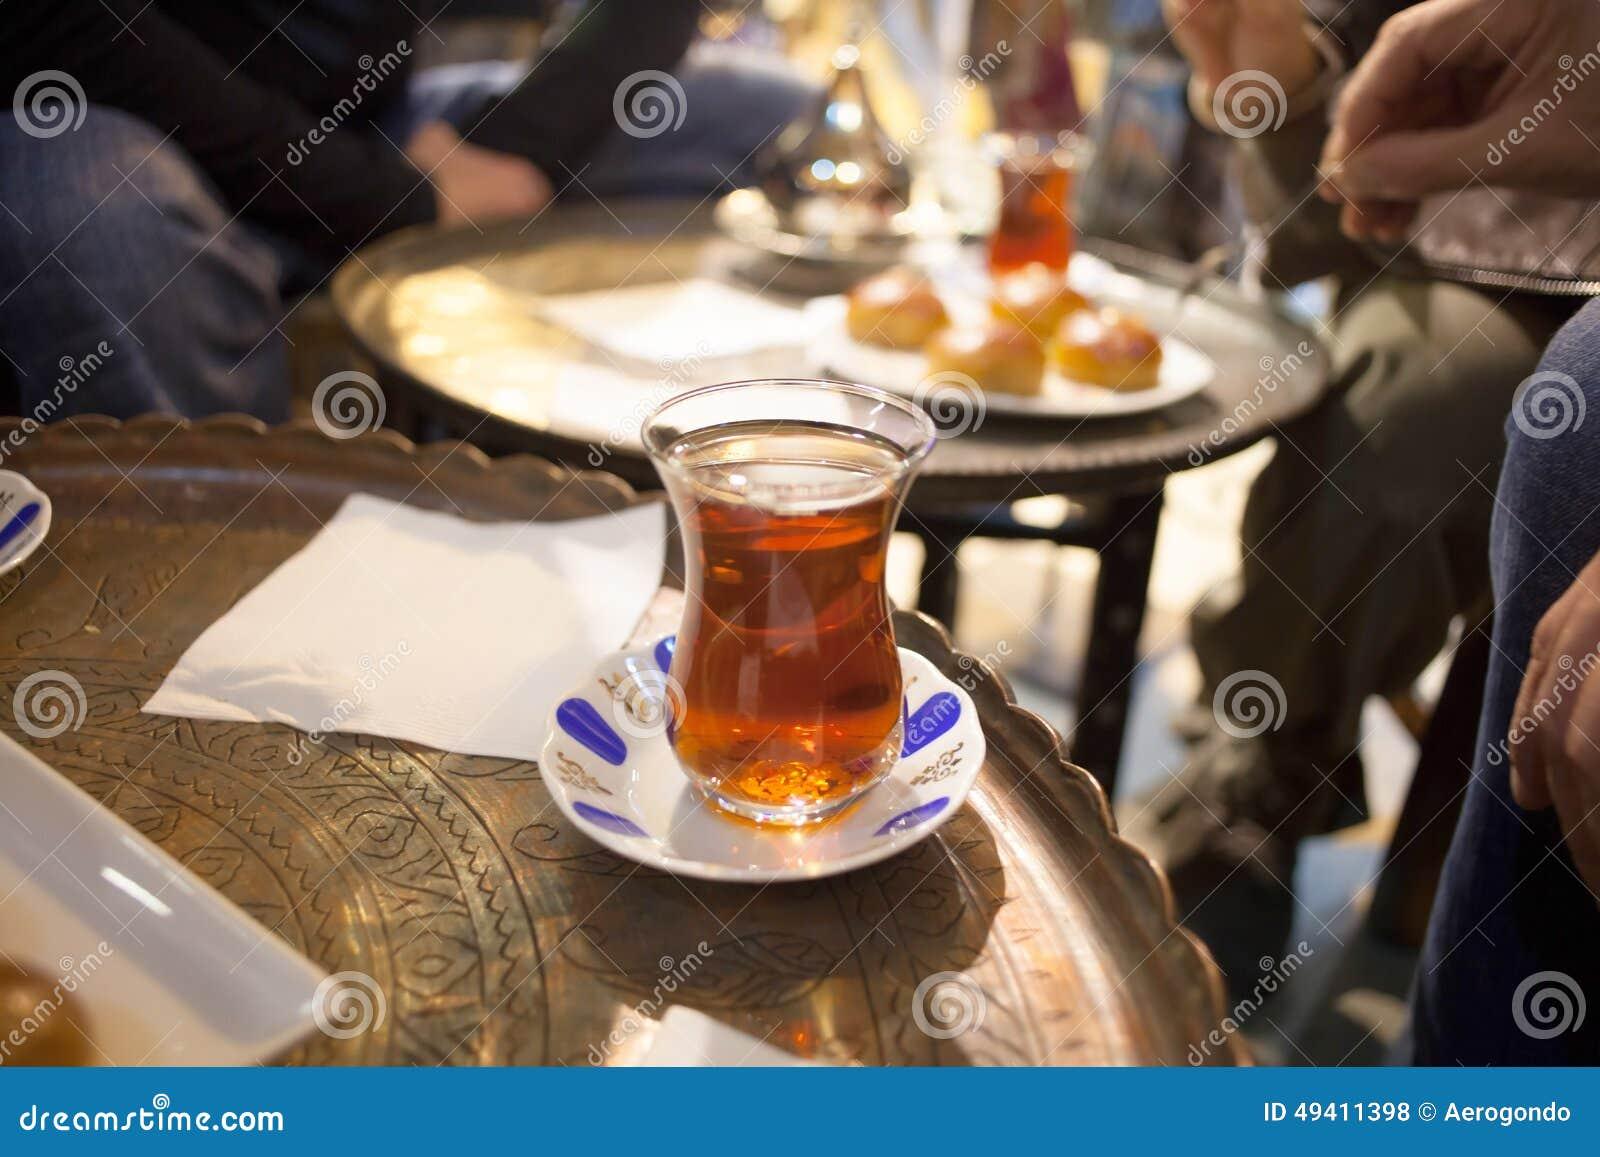 Download Türkischer Tee stockfoto. Bild von heiß, kaffee, nachtisch - 49411398